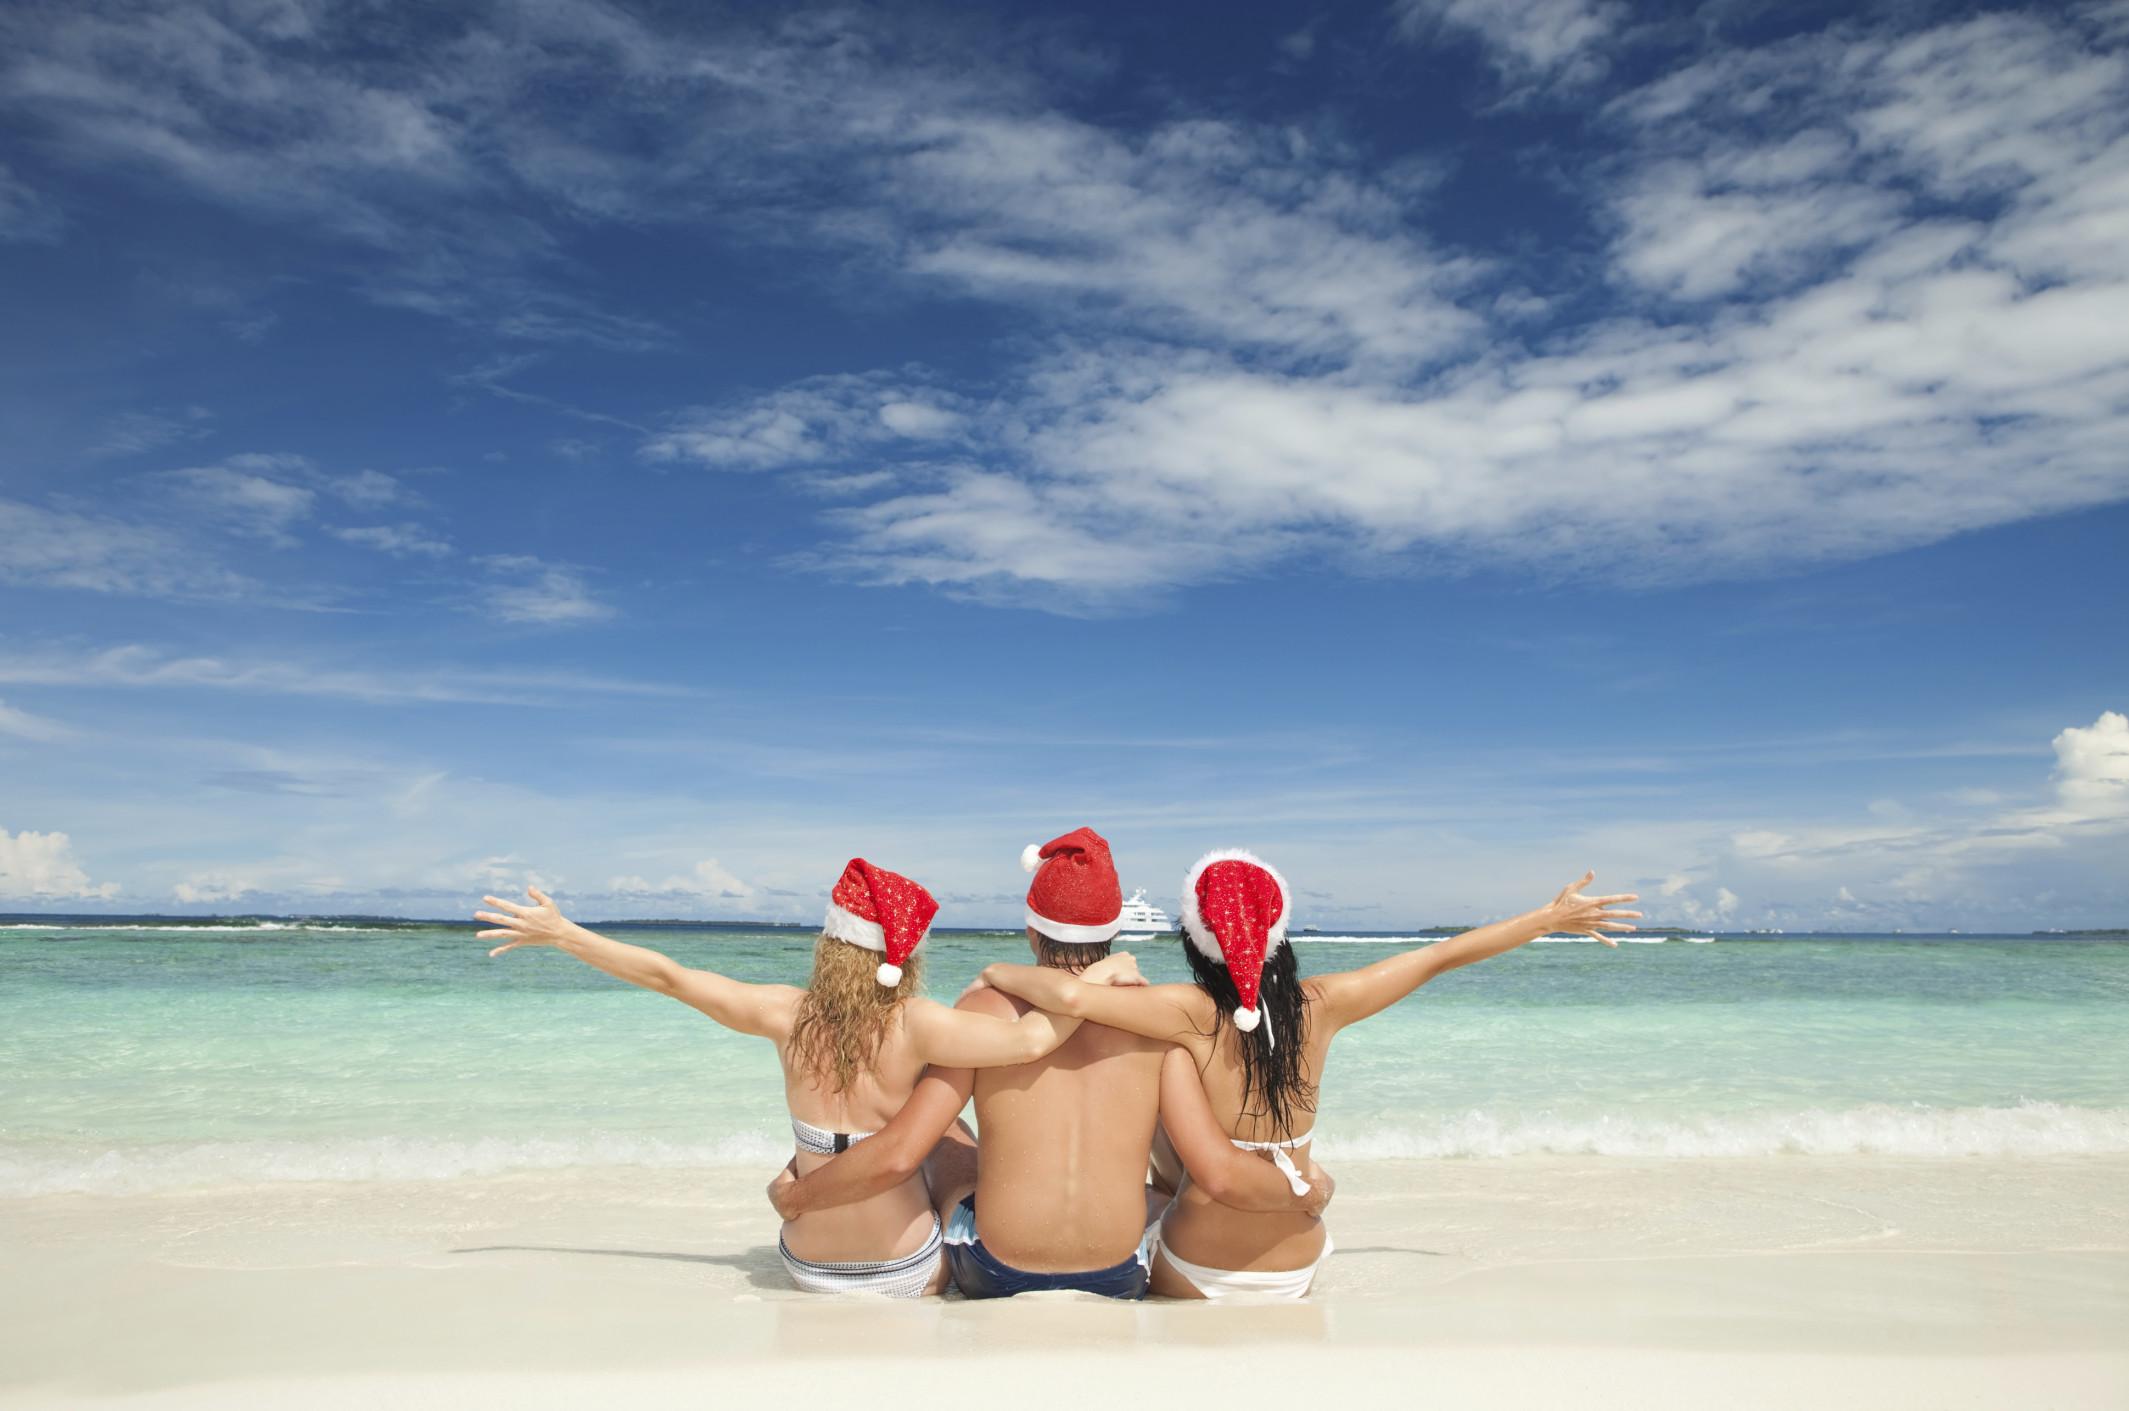 Beach Christmas Wallpaper Free Desktop